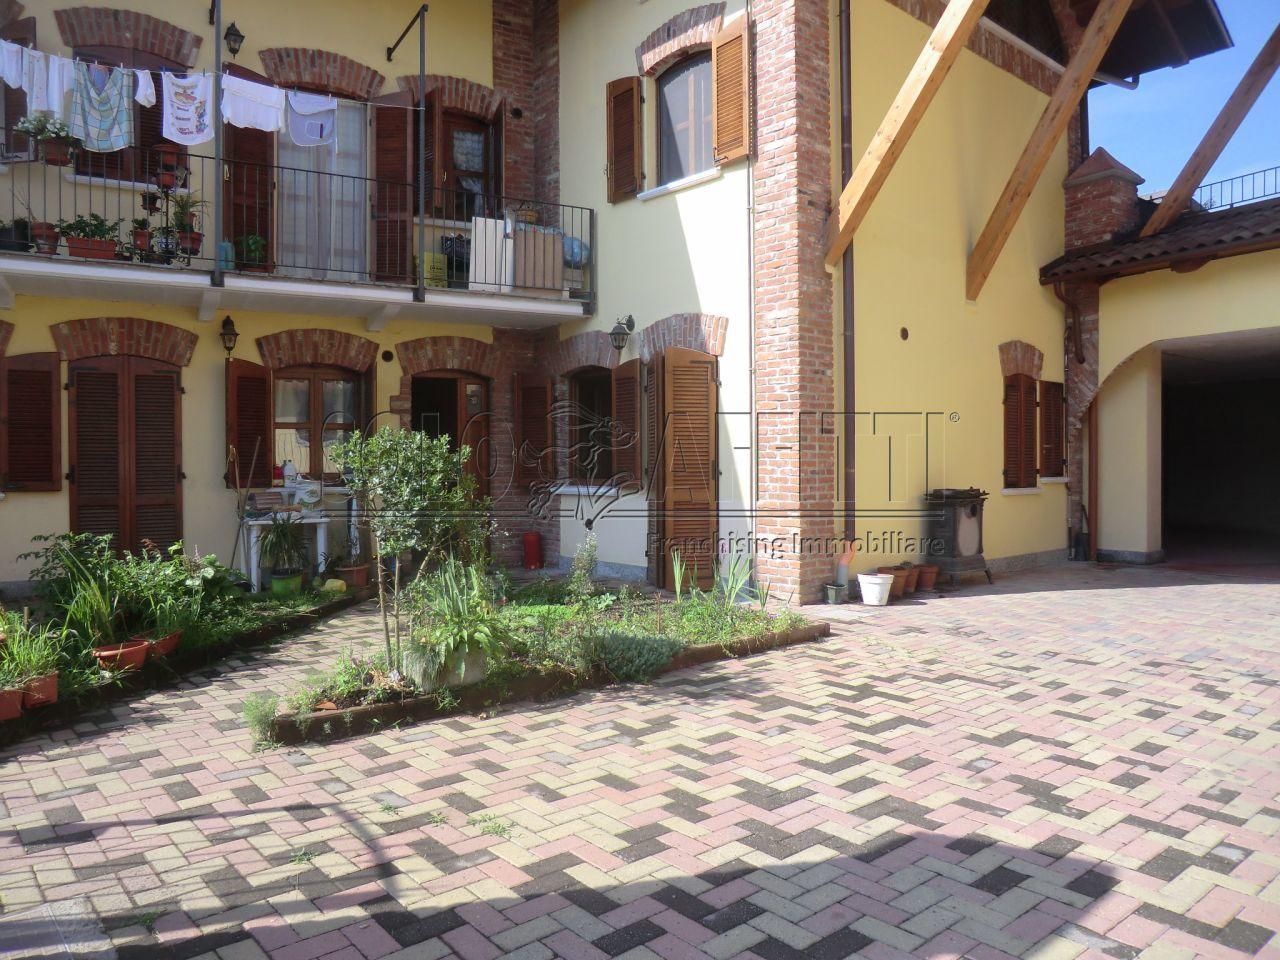 Appartamento in affitto a Front, 1 locali, prezzo € 250 | PortaleAgenzieImmobiliari.it